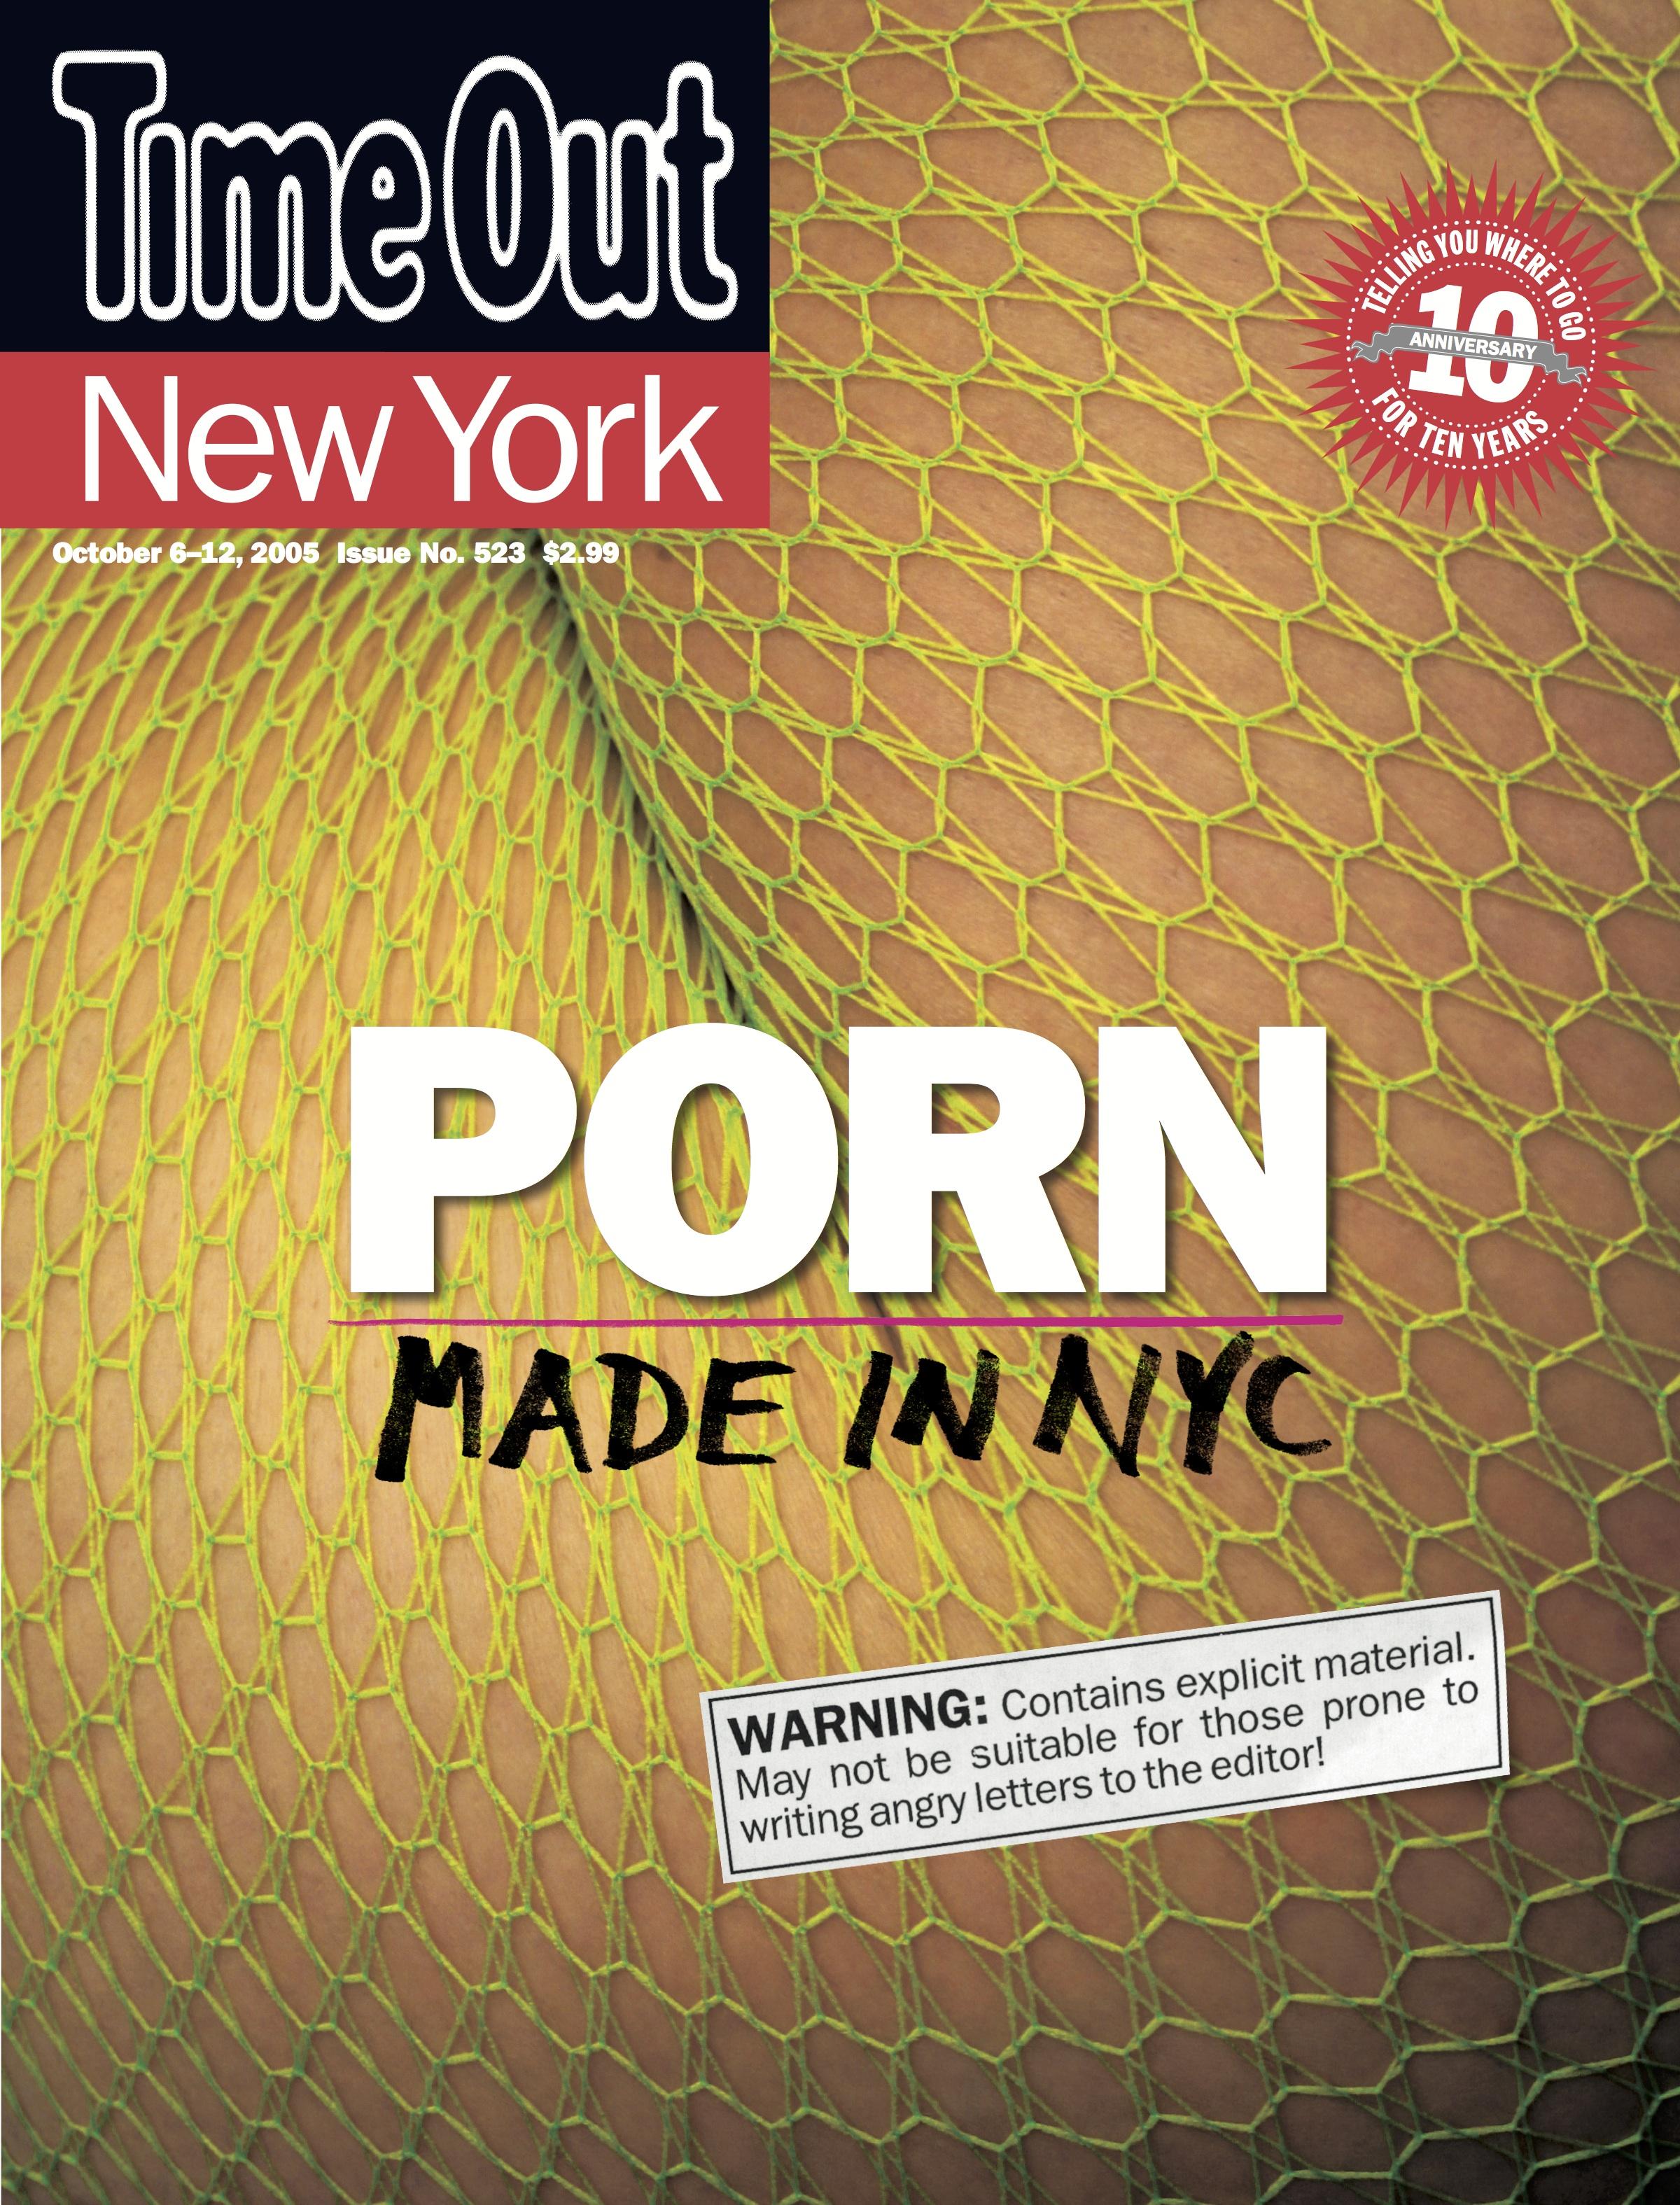 tony cover image.jpg